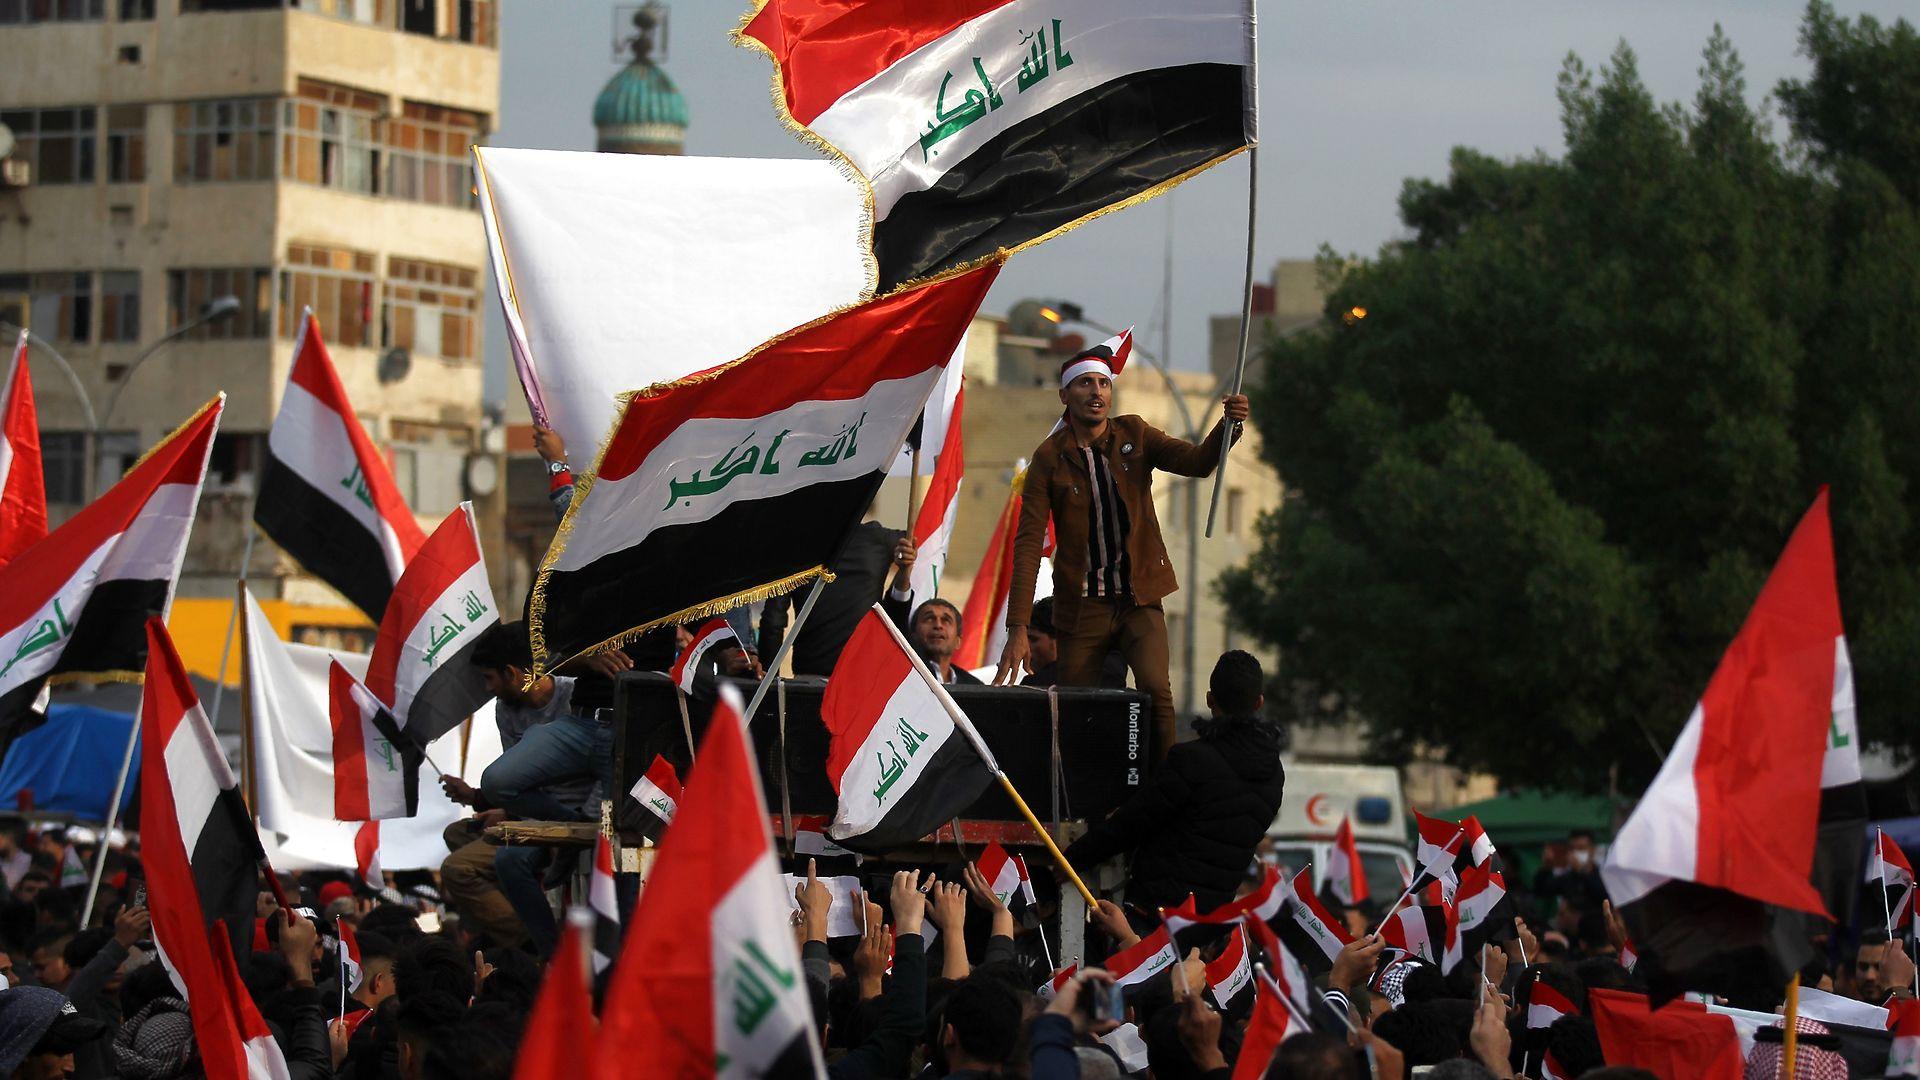 Johannes Sartou: Irakerne gør oprør mod det sekteriske system, amerikanerne indførte, og som har givet Iran kontrollen